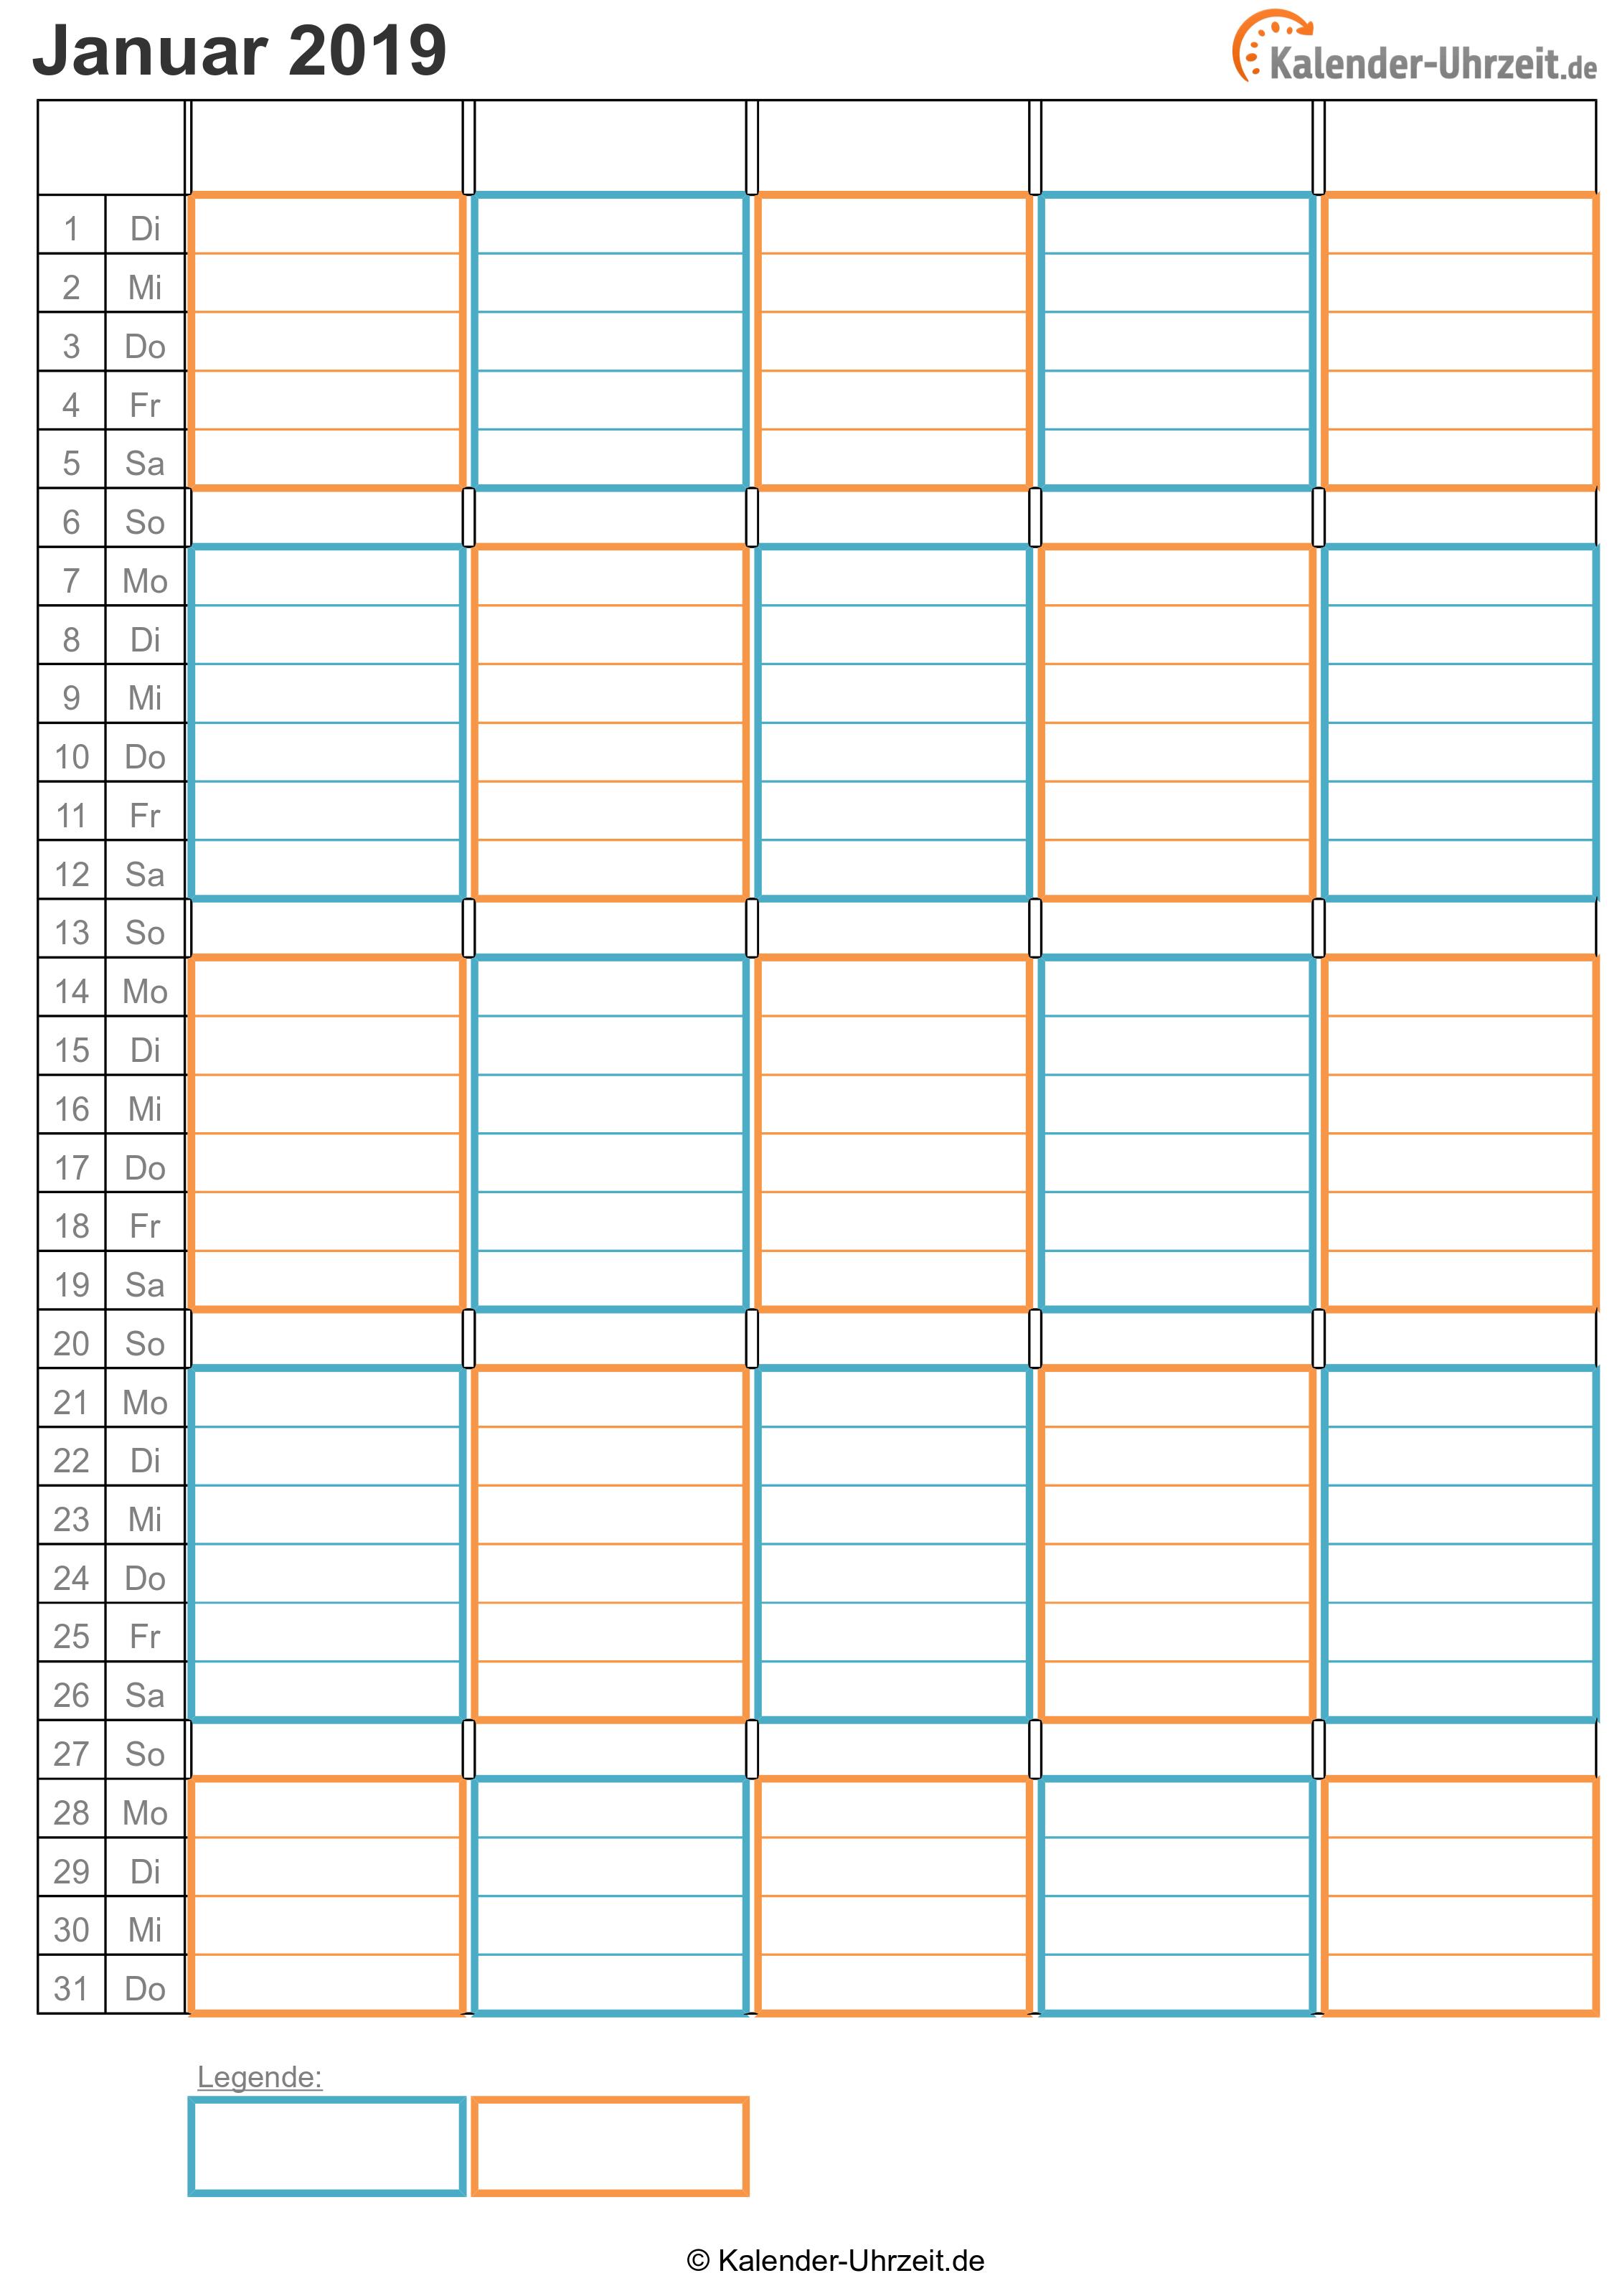 WG-Kalender 2019 zwei Personen Vorschau